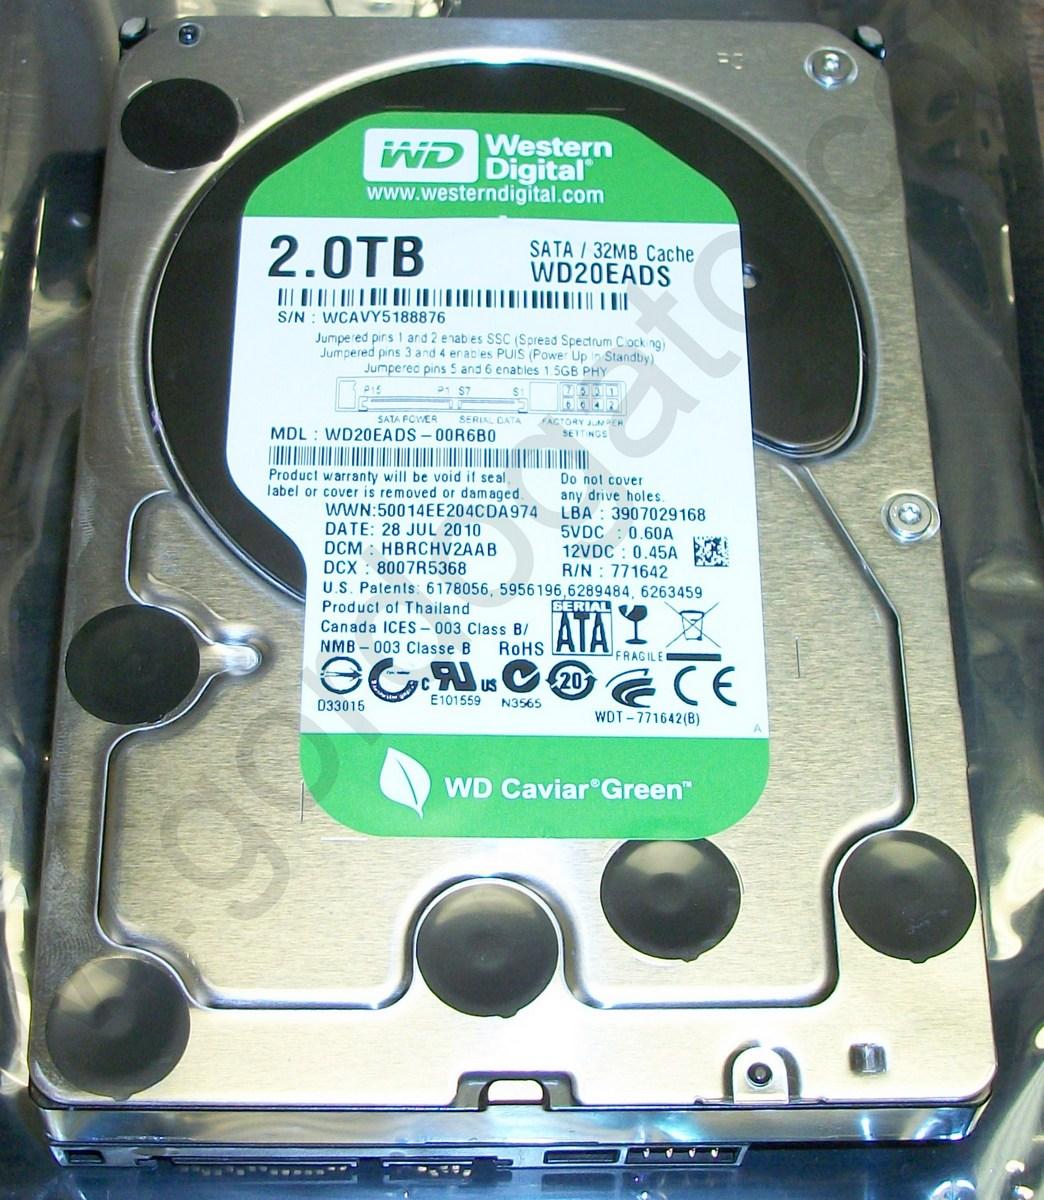 Western Digital WD20EADS-00R6B0 2TB Internal Hard Disk Drive